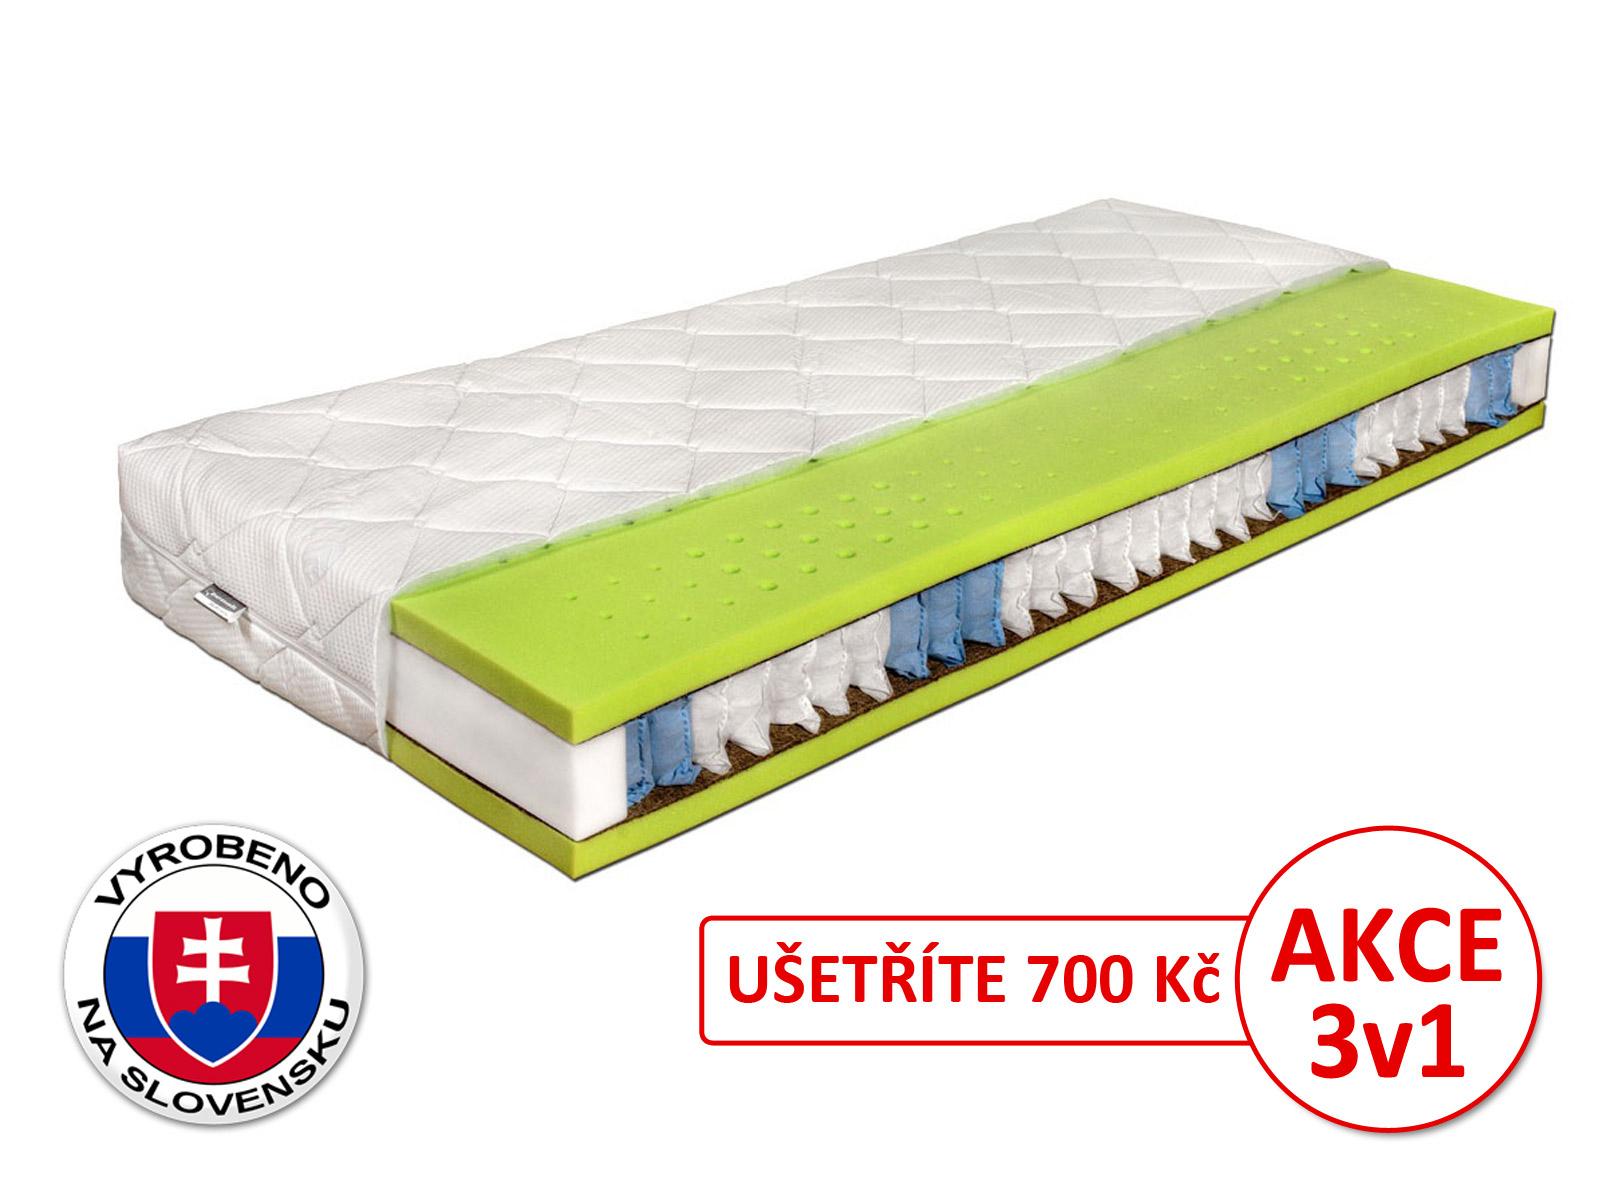 Taštičková matrace - Benab - Seven Zone Ergonomic - 200x80 cm (T3/T4). Ortopedická matrace pro náročné, vyrobená na Slovensku, s přizpůsobivým 7-zónovým jádrem, s příměsí kokosového vlákna a s antibakteriálním potahem.